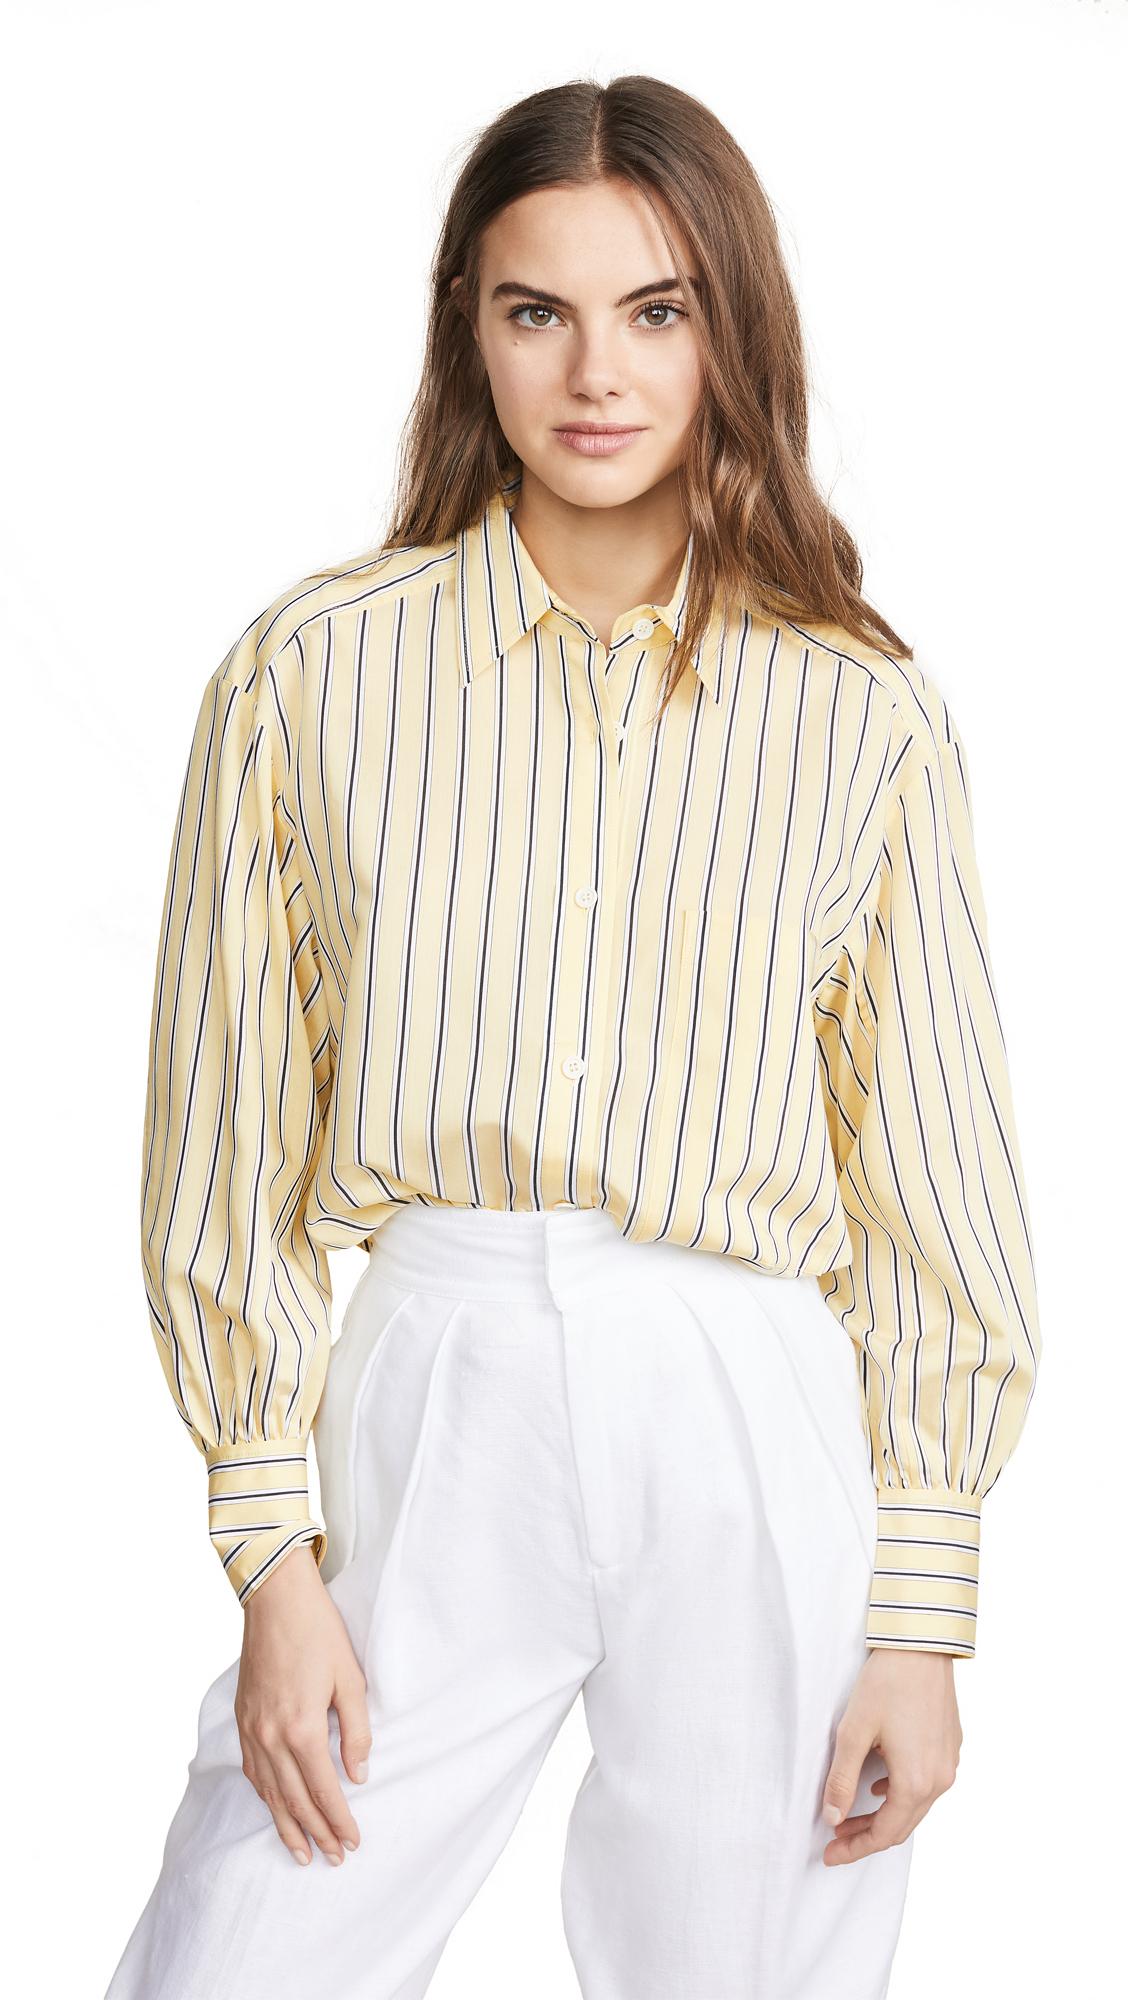 Edition10 Striped Button Down Shirt - Yellow/Black Stripe